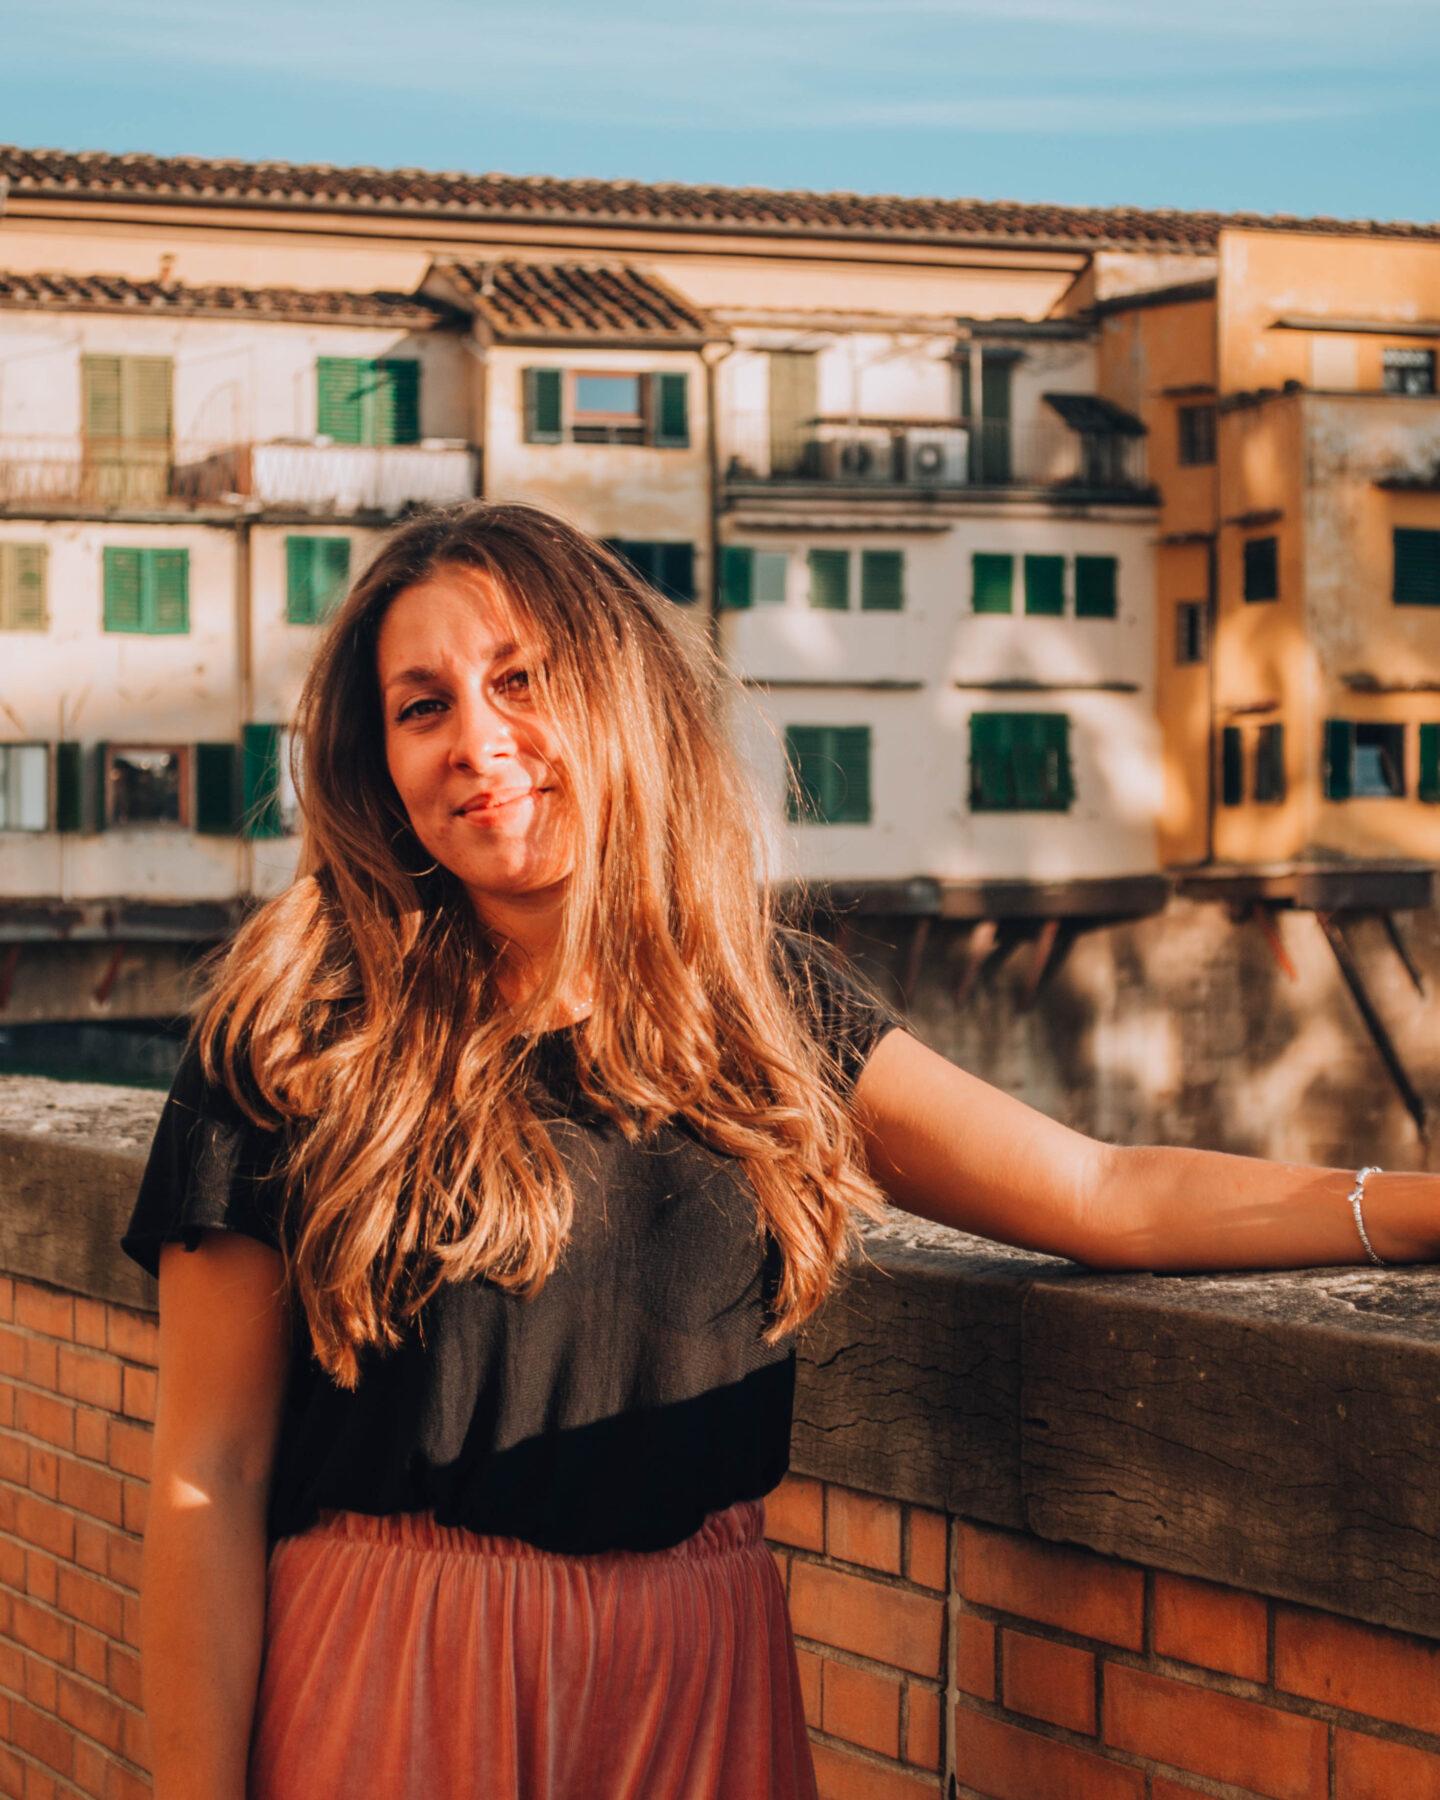 ragazza sorridente illuminata dal sole